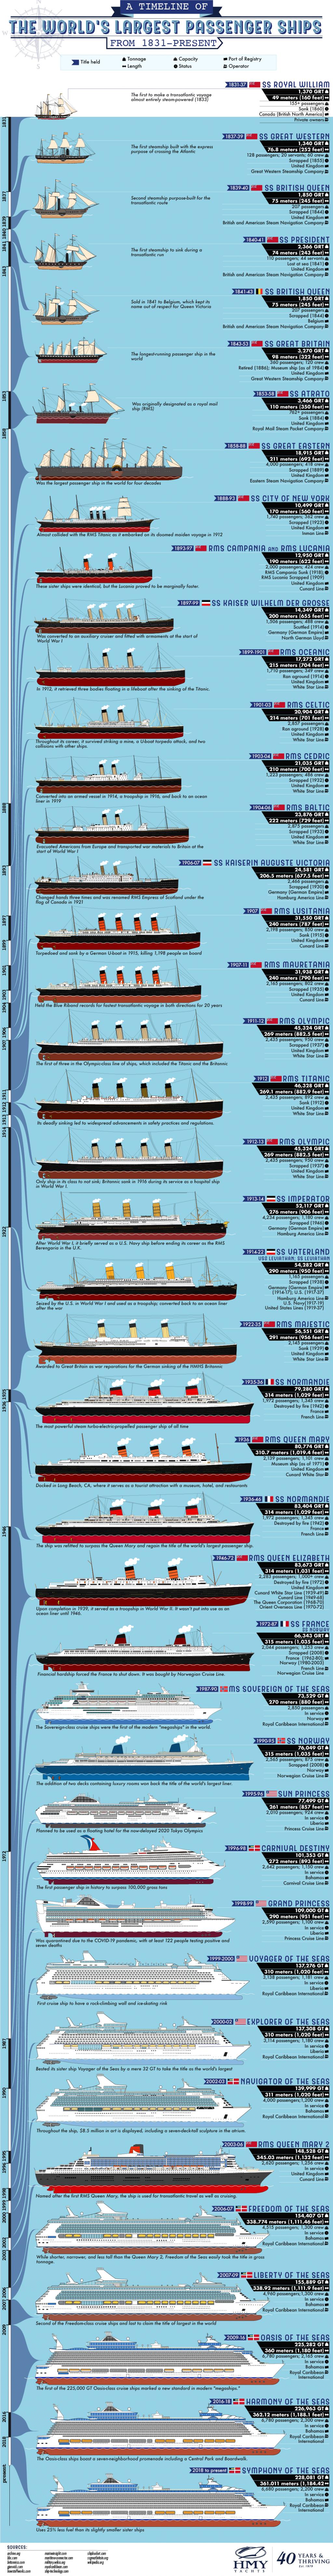 timeline-worlds-largest-passenger-ships-7